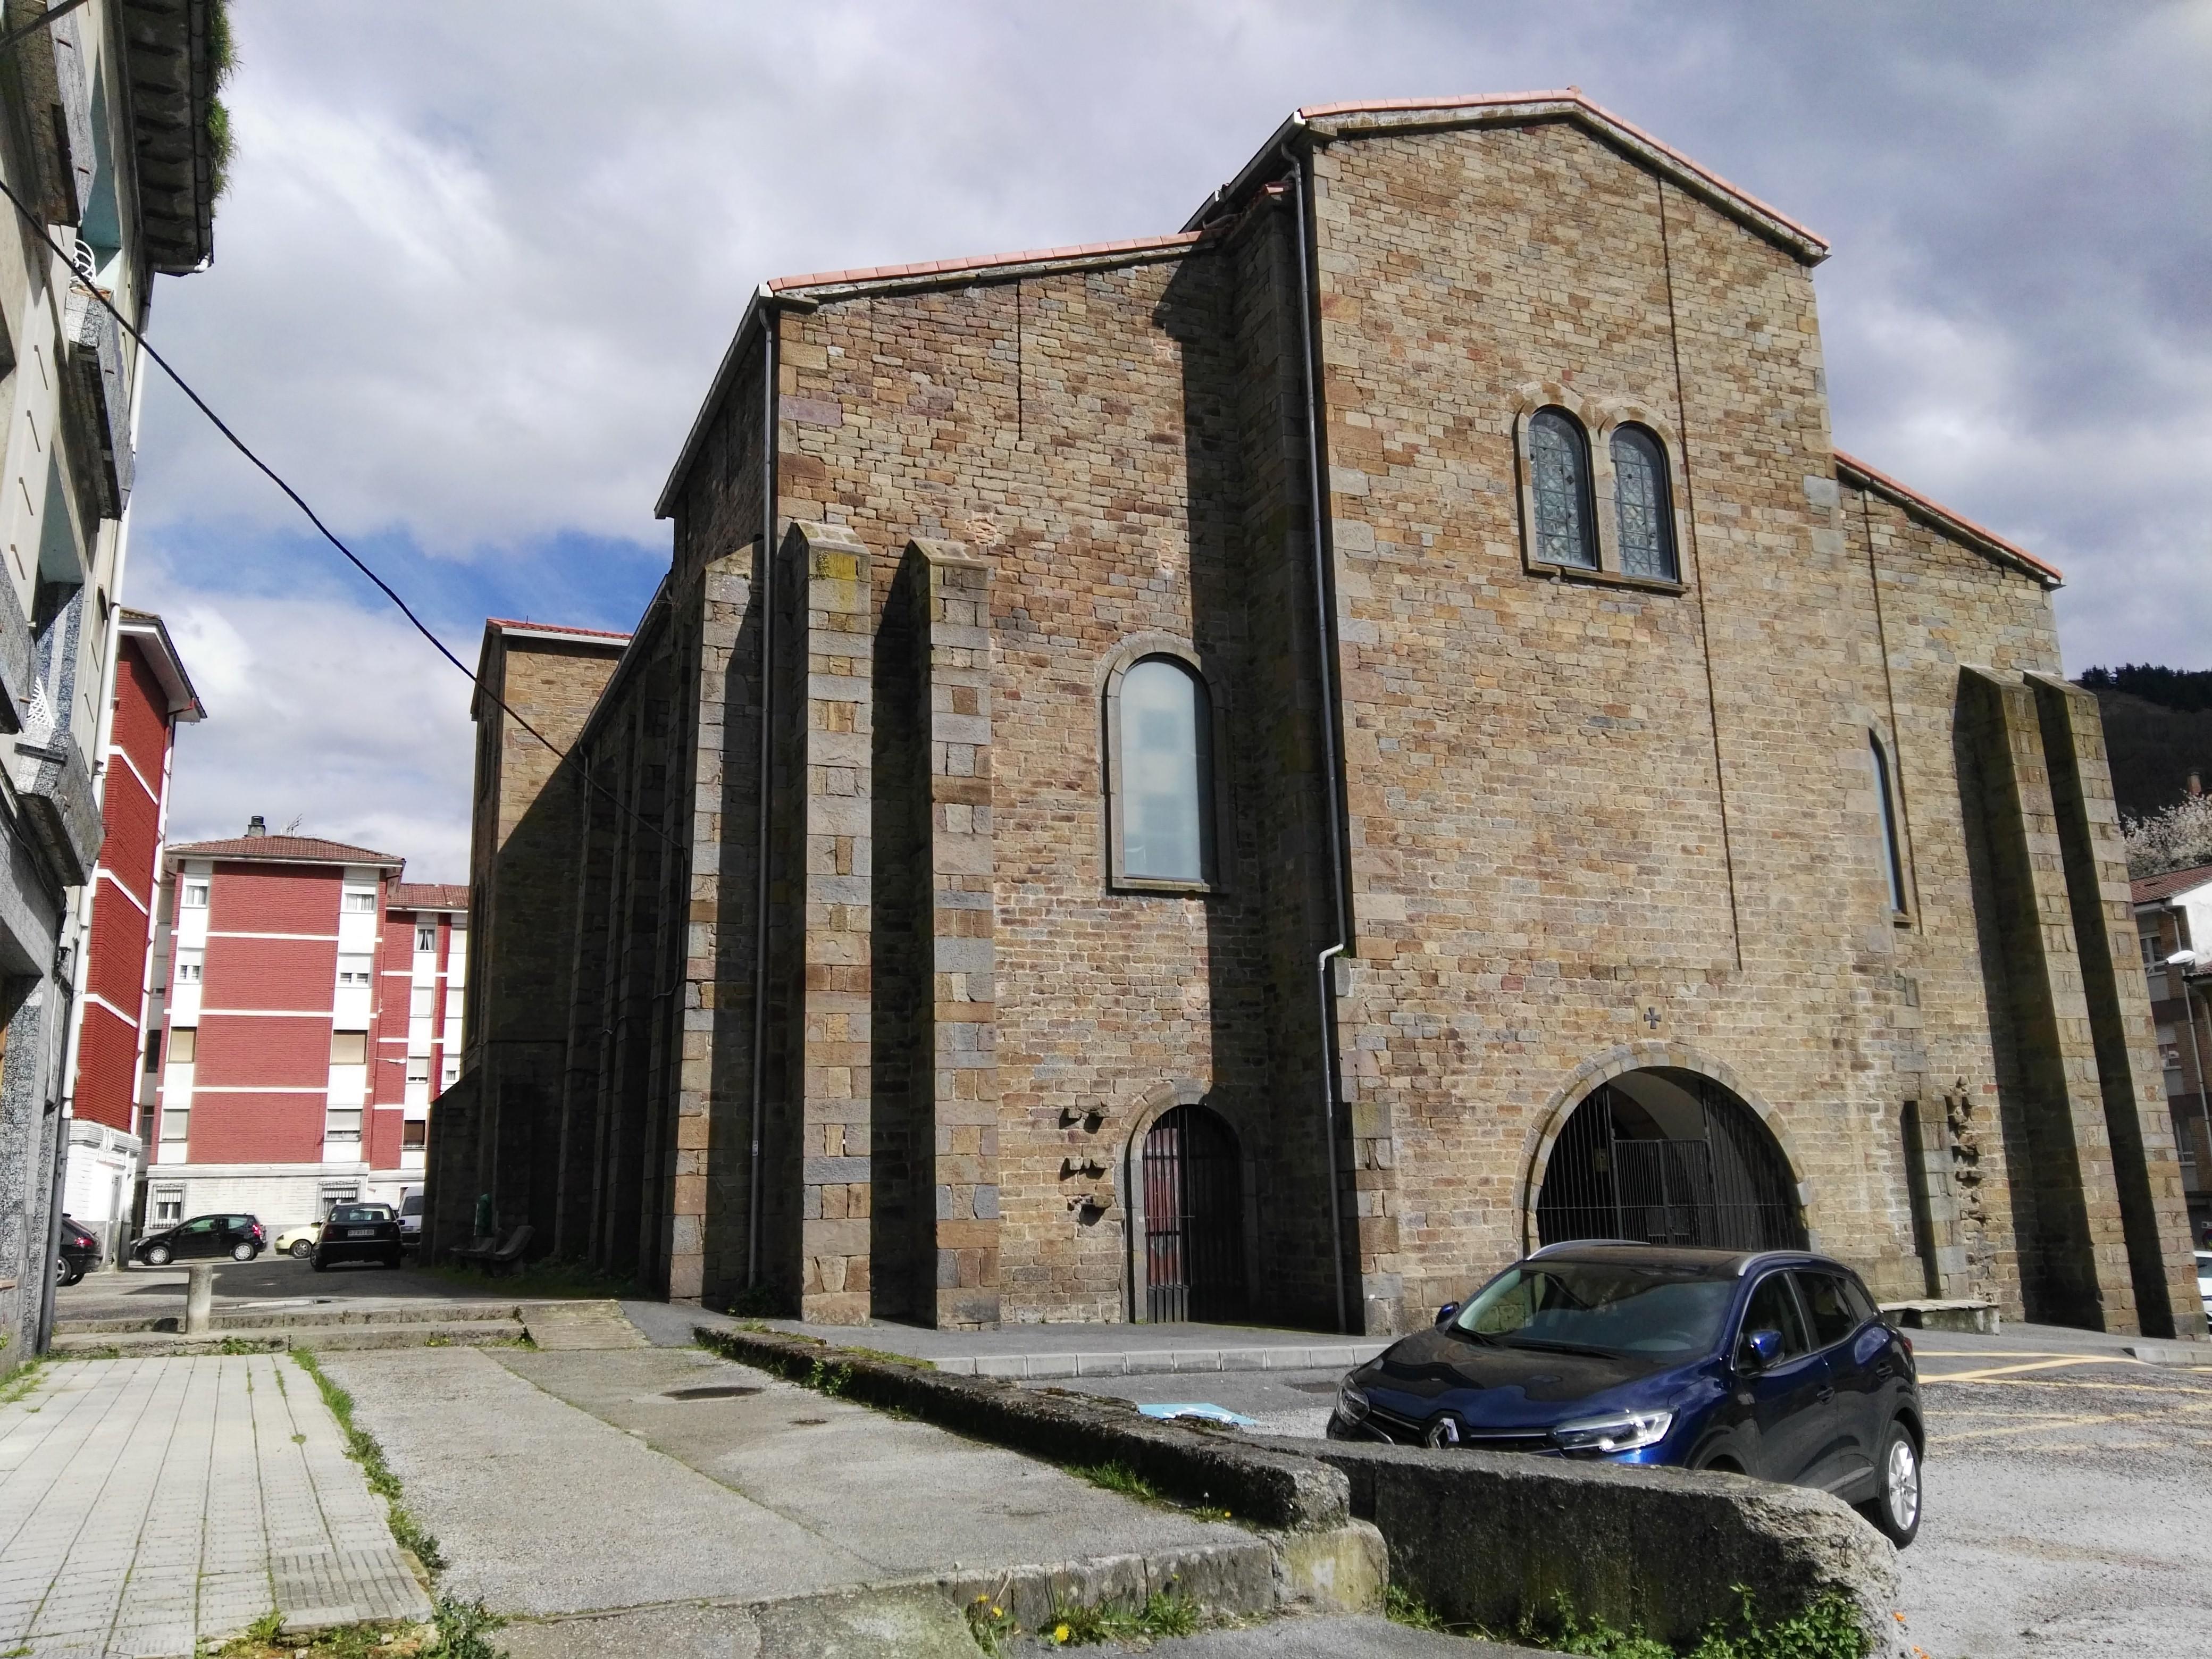 Piso en venta en Turón, Mieres, Asturias, Calle San Jose, 30.000 €, 2 habitaciones, 1 baño, 76 m2